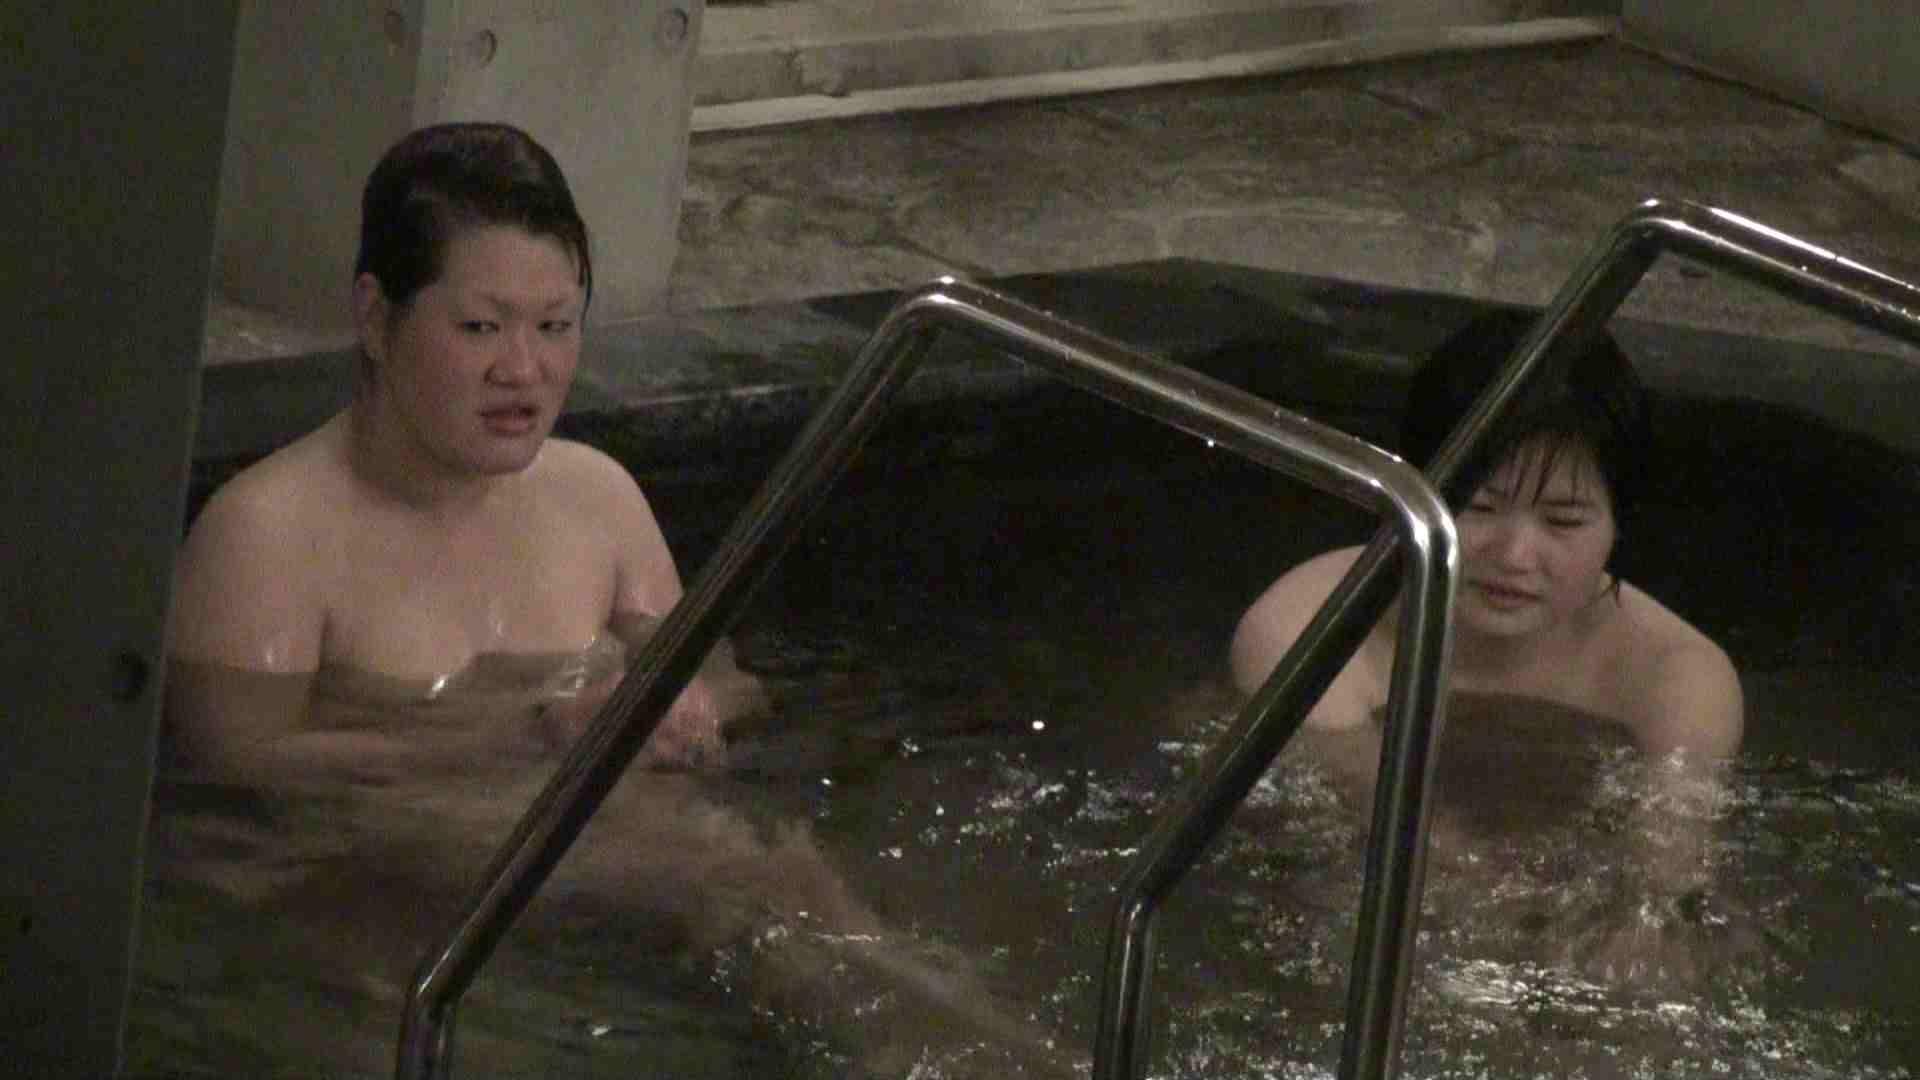 Aquaな露天風呂Vol.384 盗撮シリーズ  113PIX 84